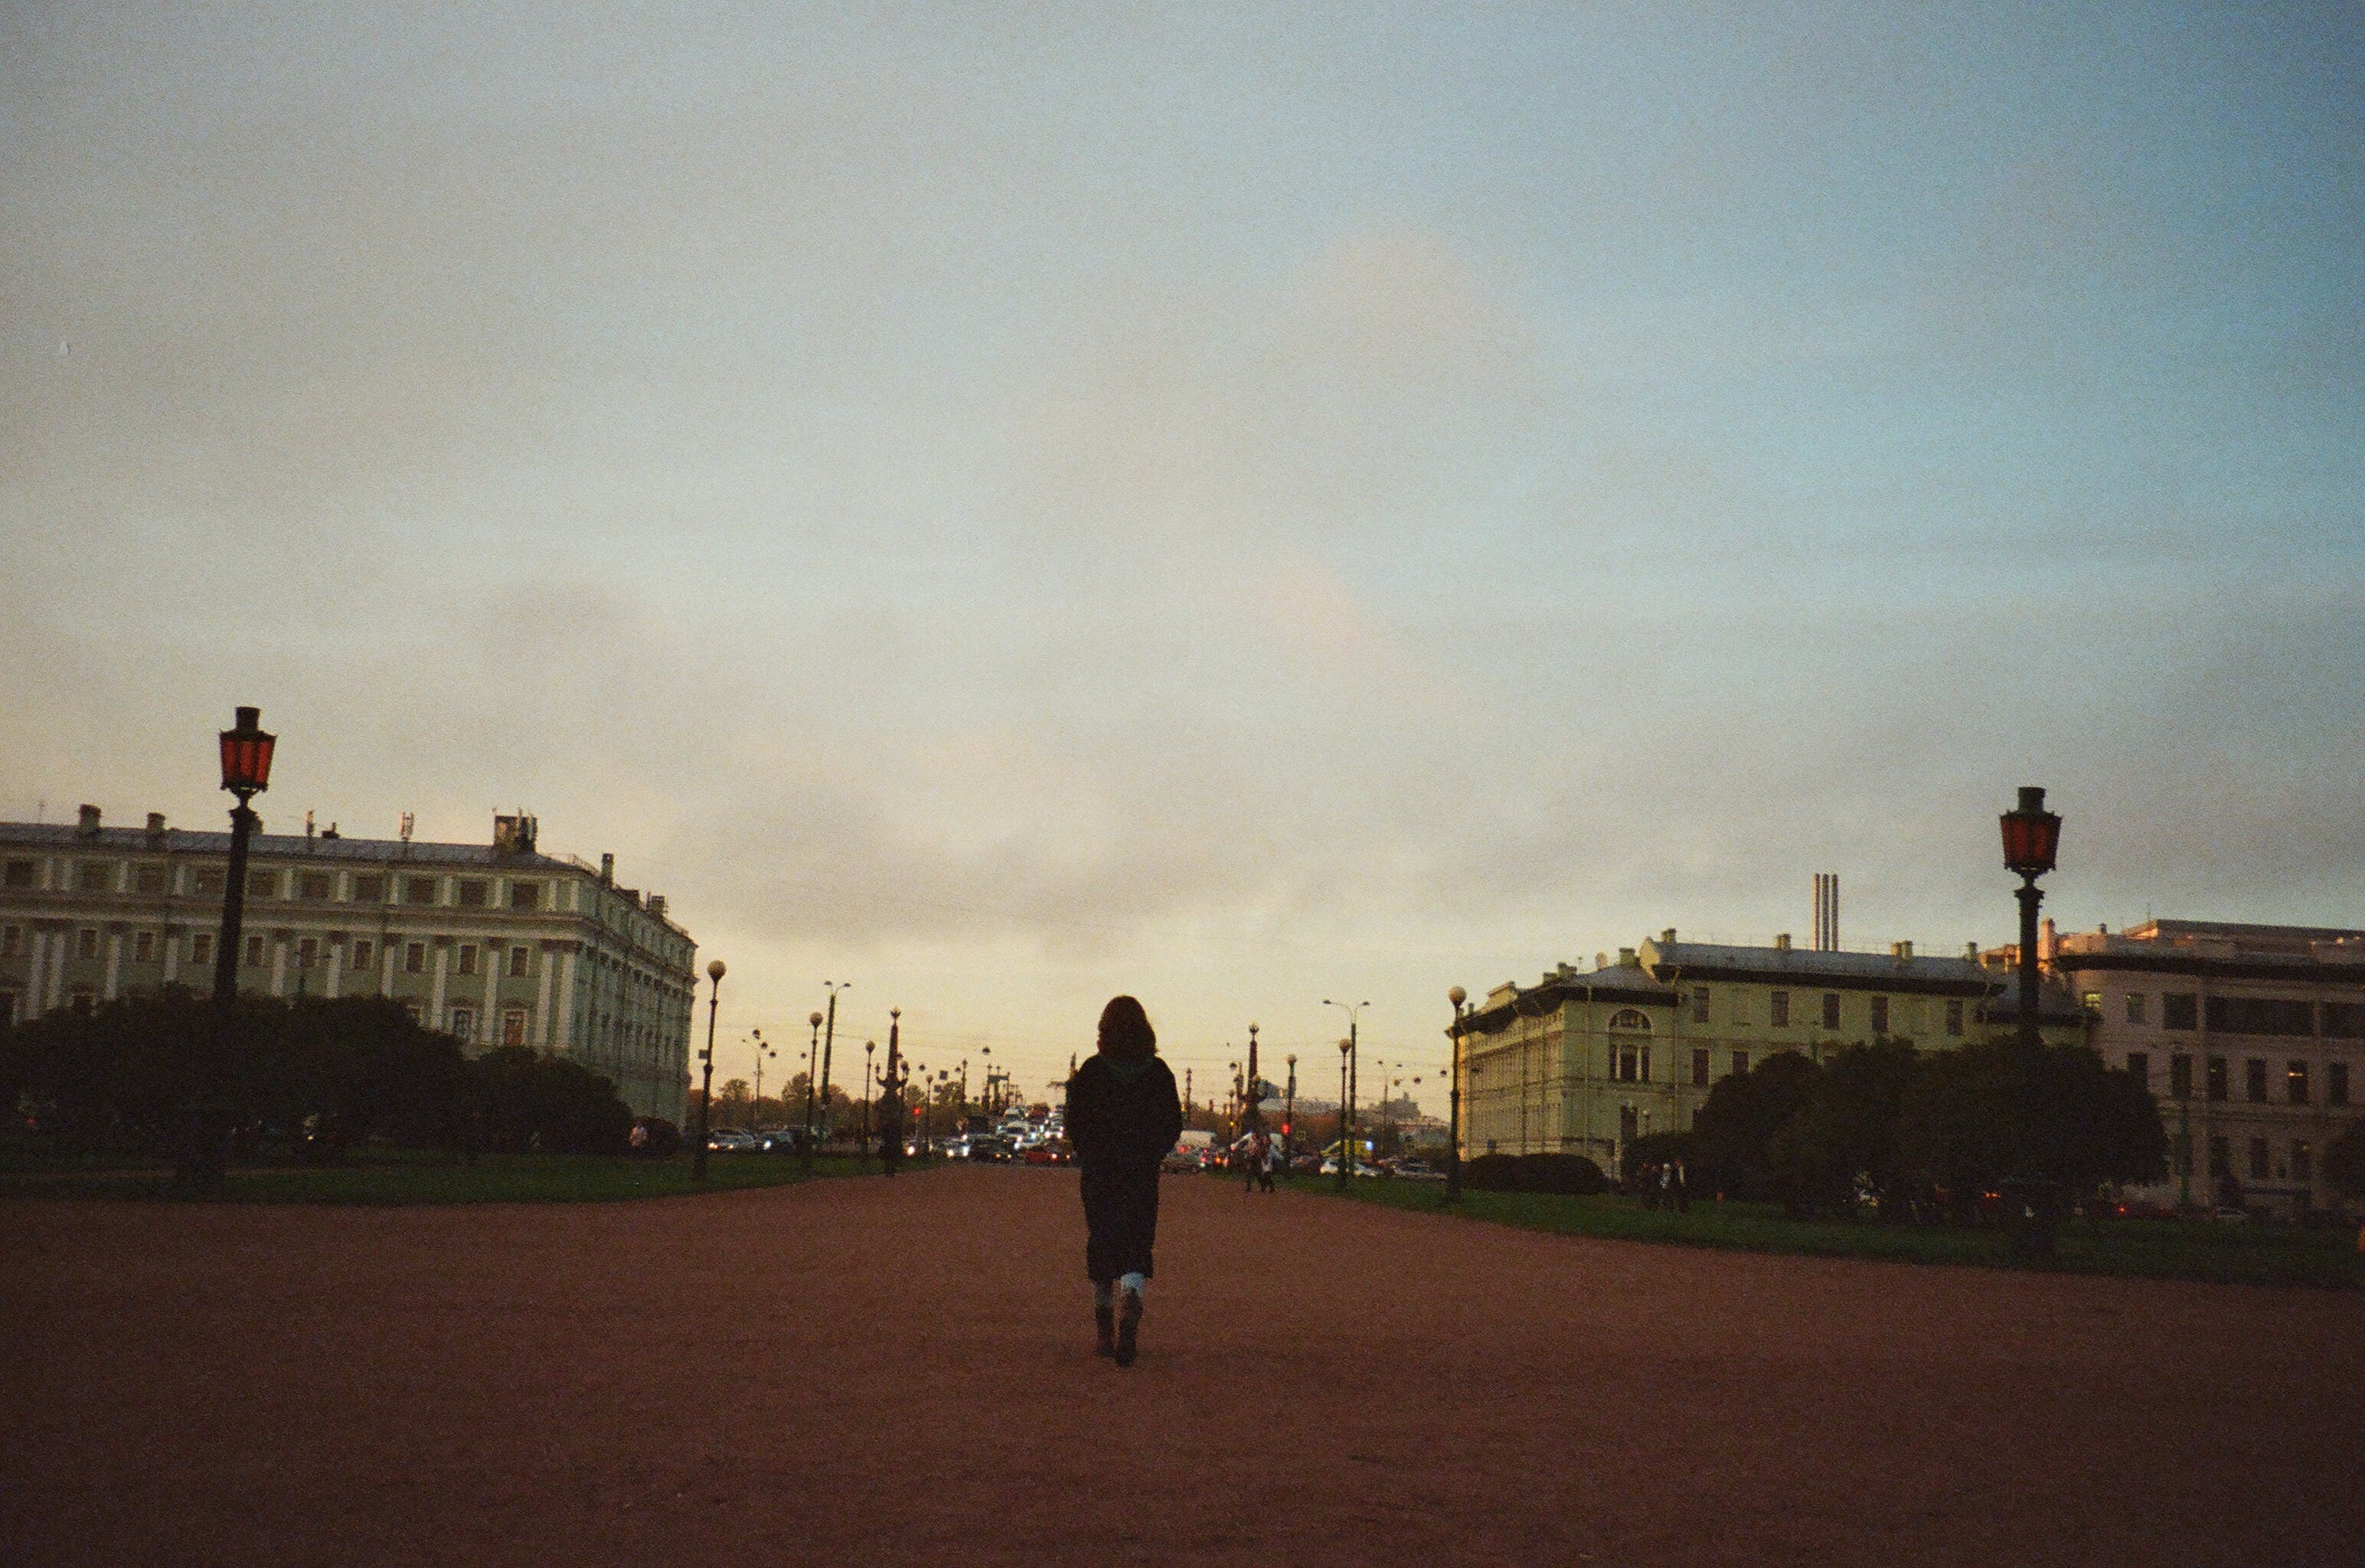 Δωρεάν στοκ φωτογραφιών με απόγευμα, αρχιτεκτονική, αστικός, γρασίδι